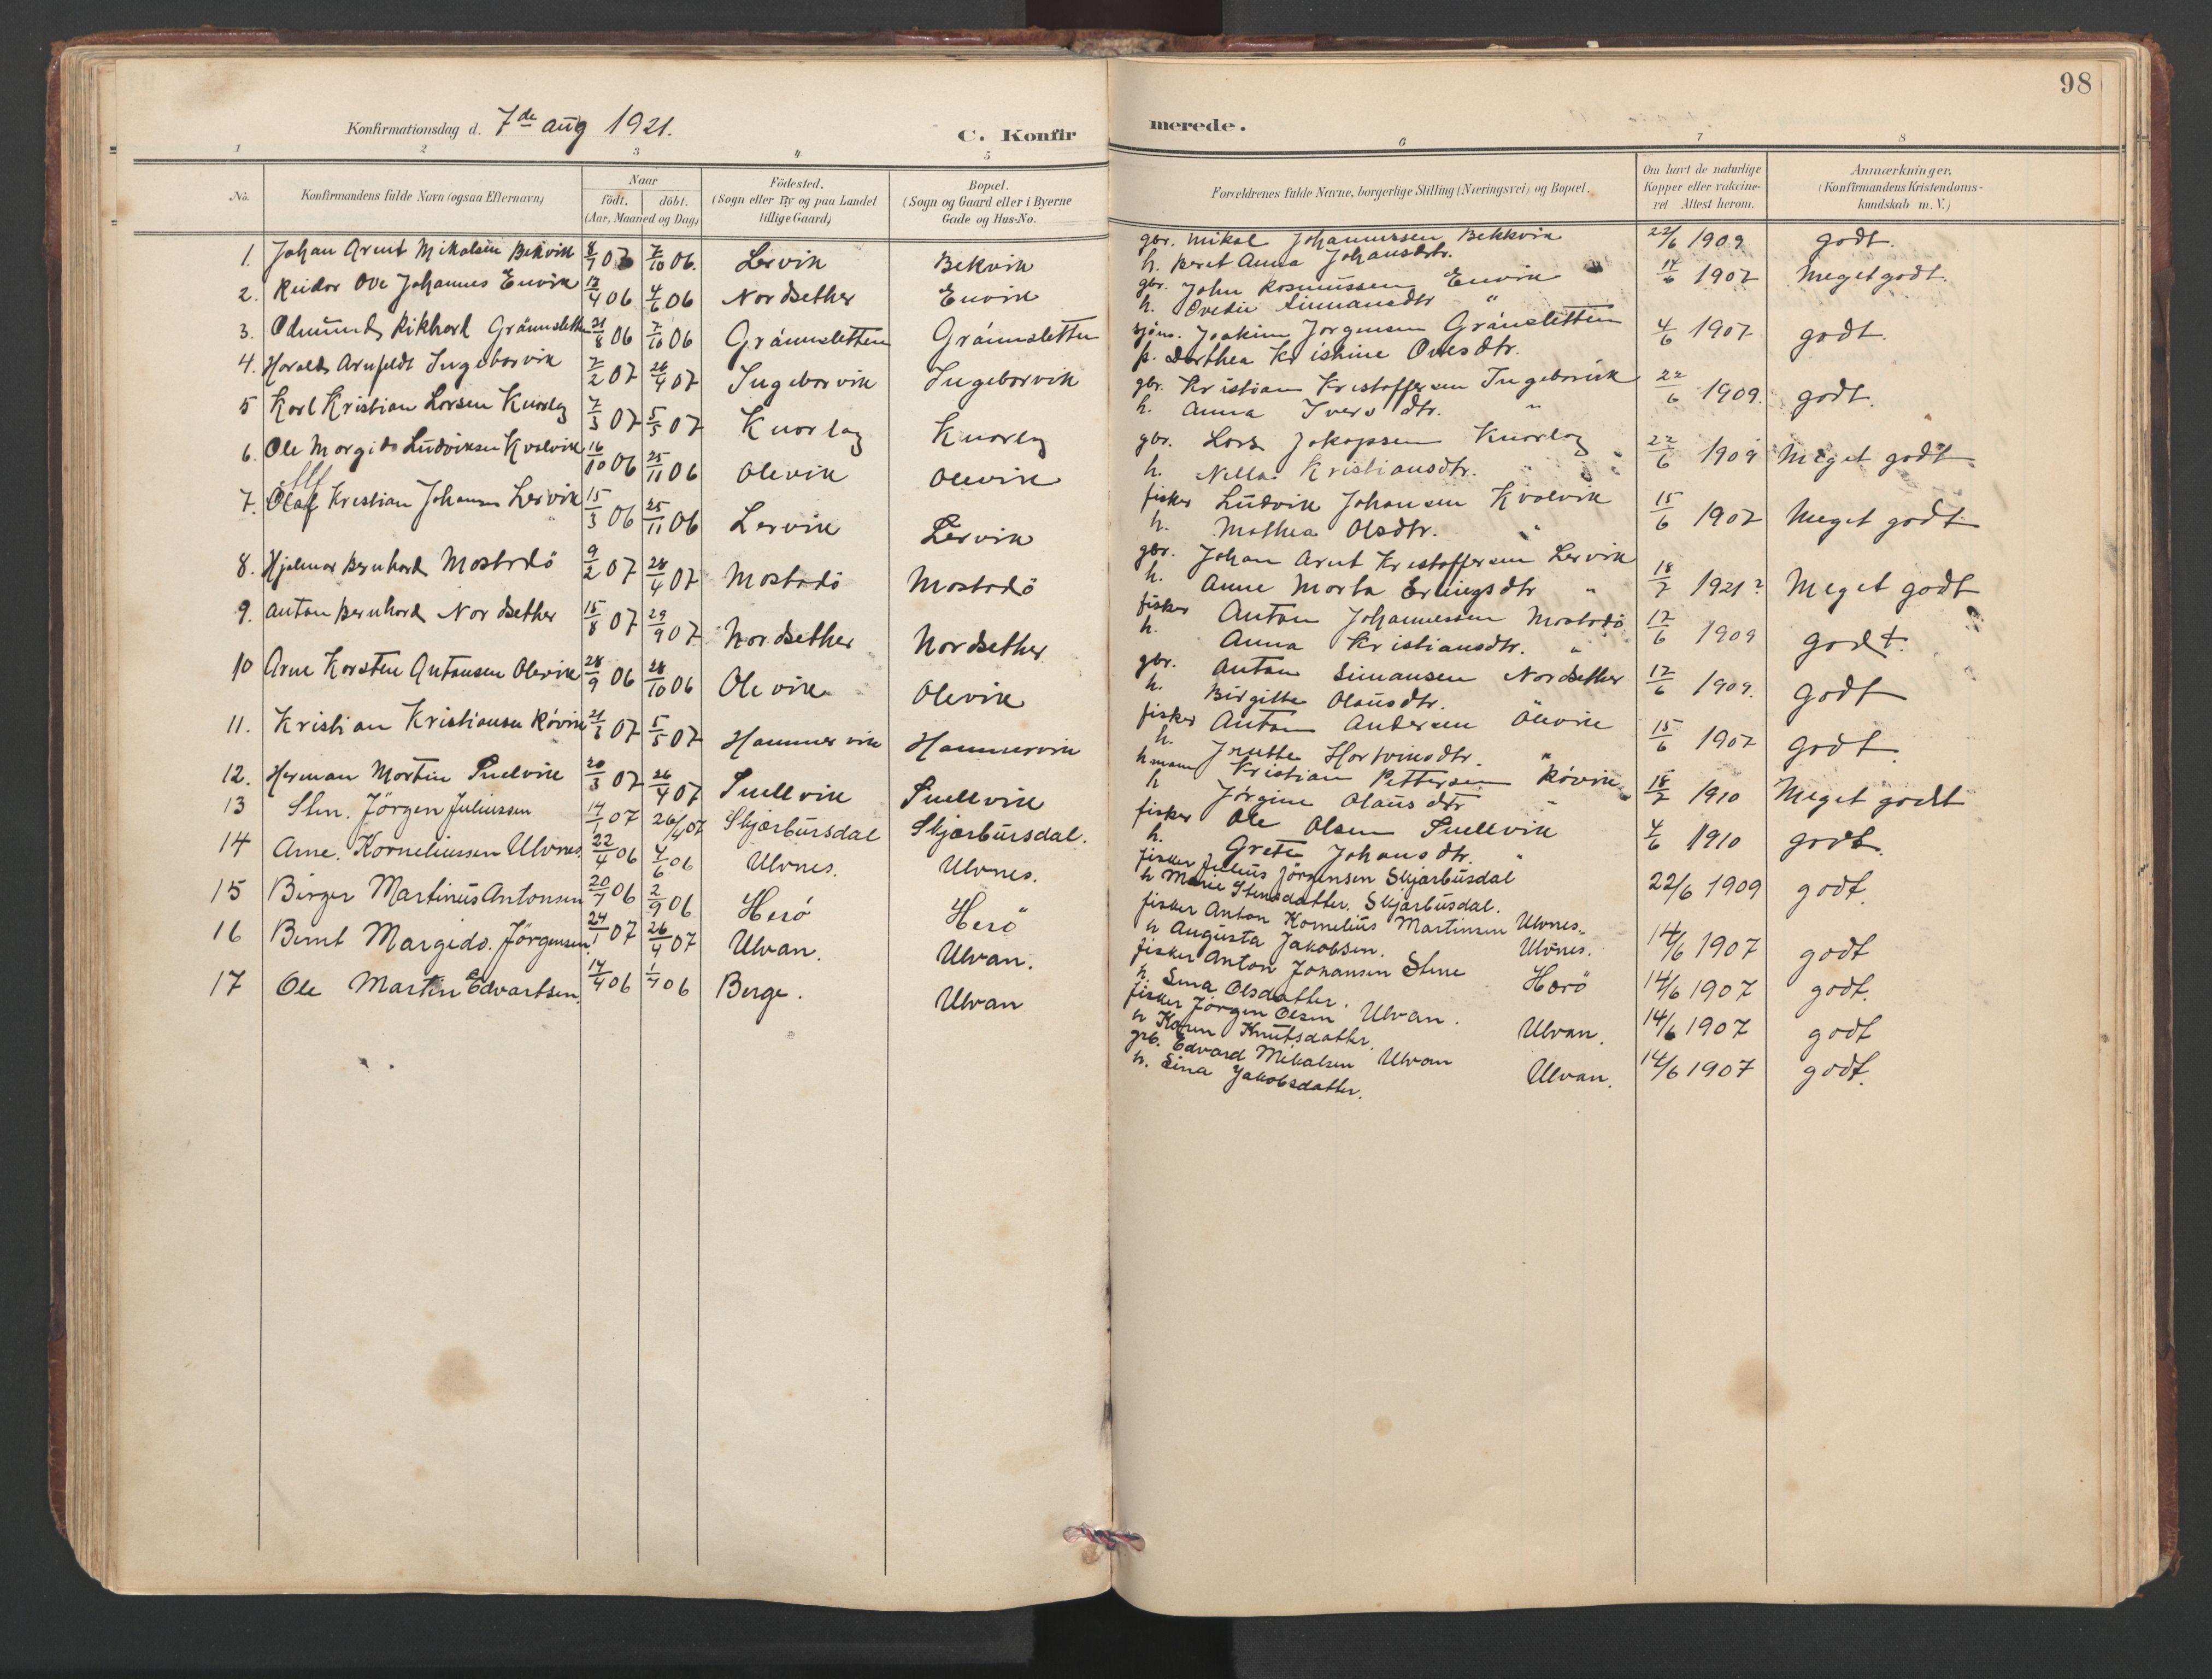 SAT, Ministerialprotokoller, klokkerbøker og fødselsregistre - Sør-Trøndelag, 638/L0571: Klokkerbok nr. 638C03, 1901-1930, s. 98